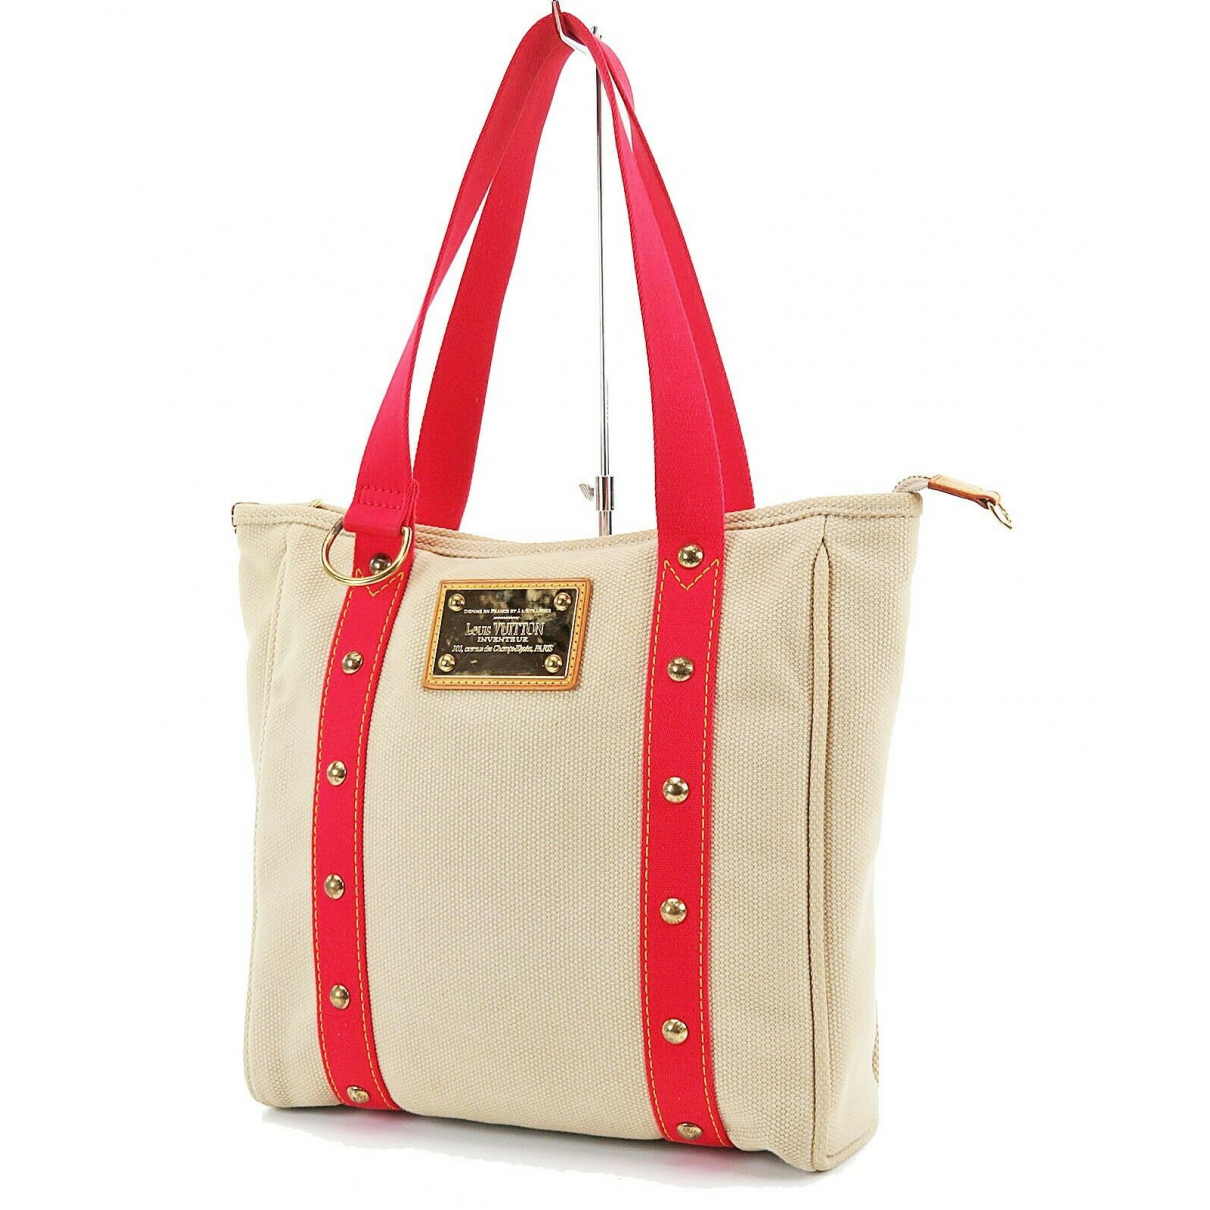 Louis Vuitton - Sac a main Antigua pour femme en cuir - beige